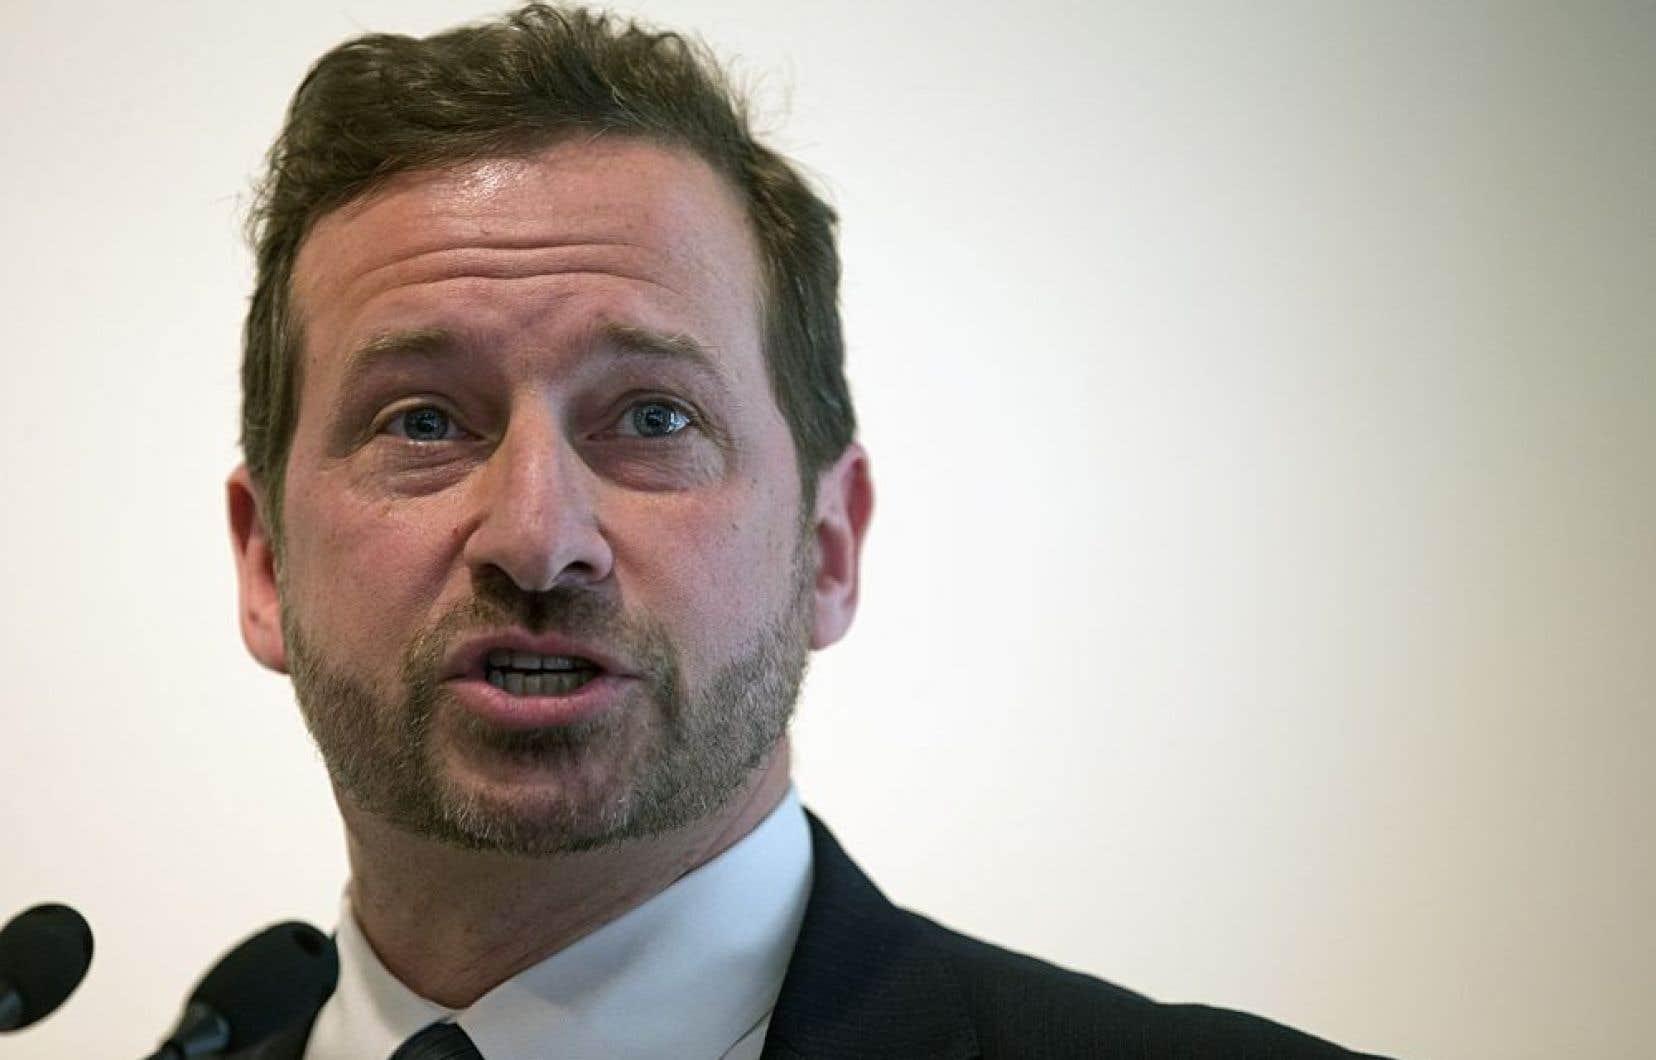 Le ministre de l'Environnement, Yves-François Blanchet, a parlé d'un nécessaire encadrement «rigoureux» et «raisonnable», puisque ce type d'exploitation implique des substances qui nécessitent d'être traitées et manipulées avec soin en raison de la présence de radioactivité.